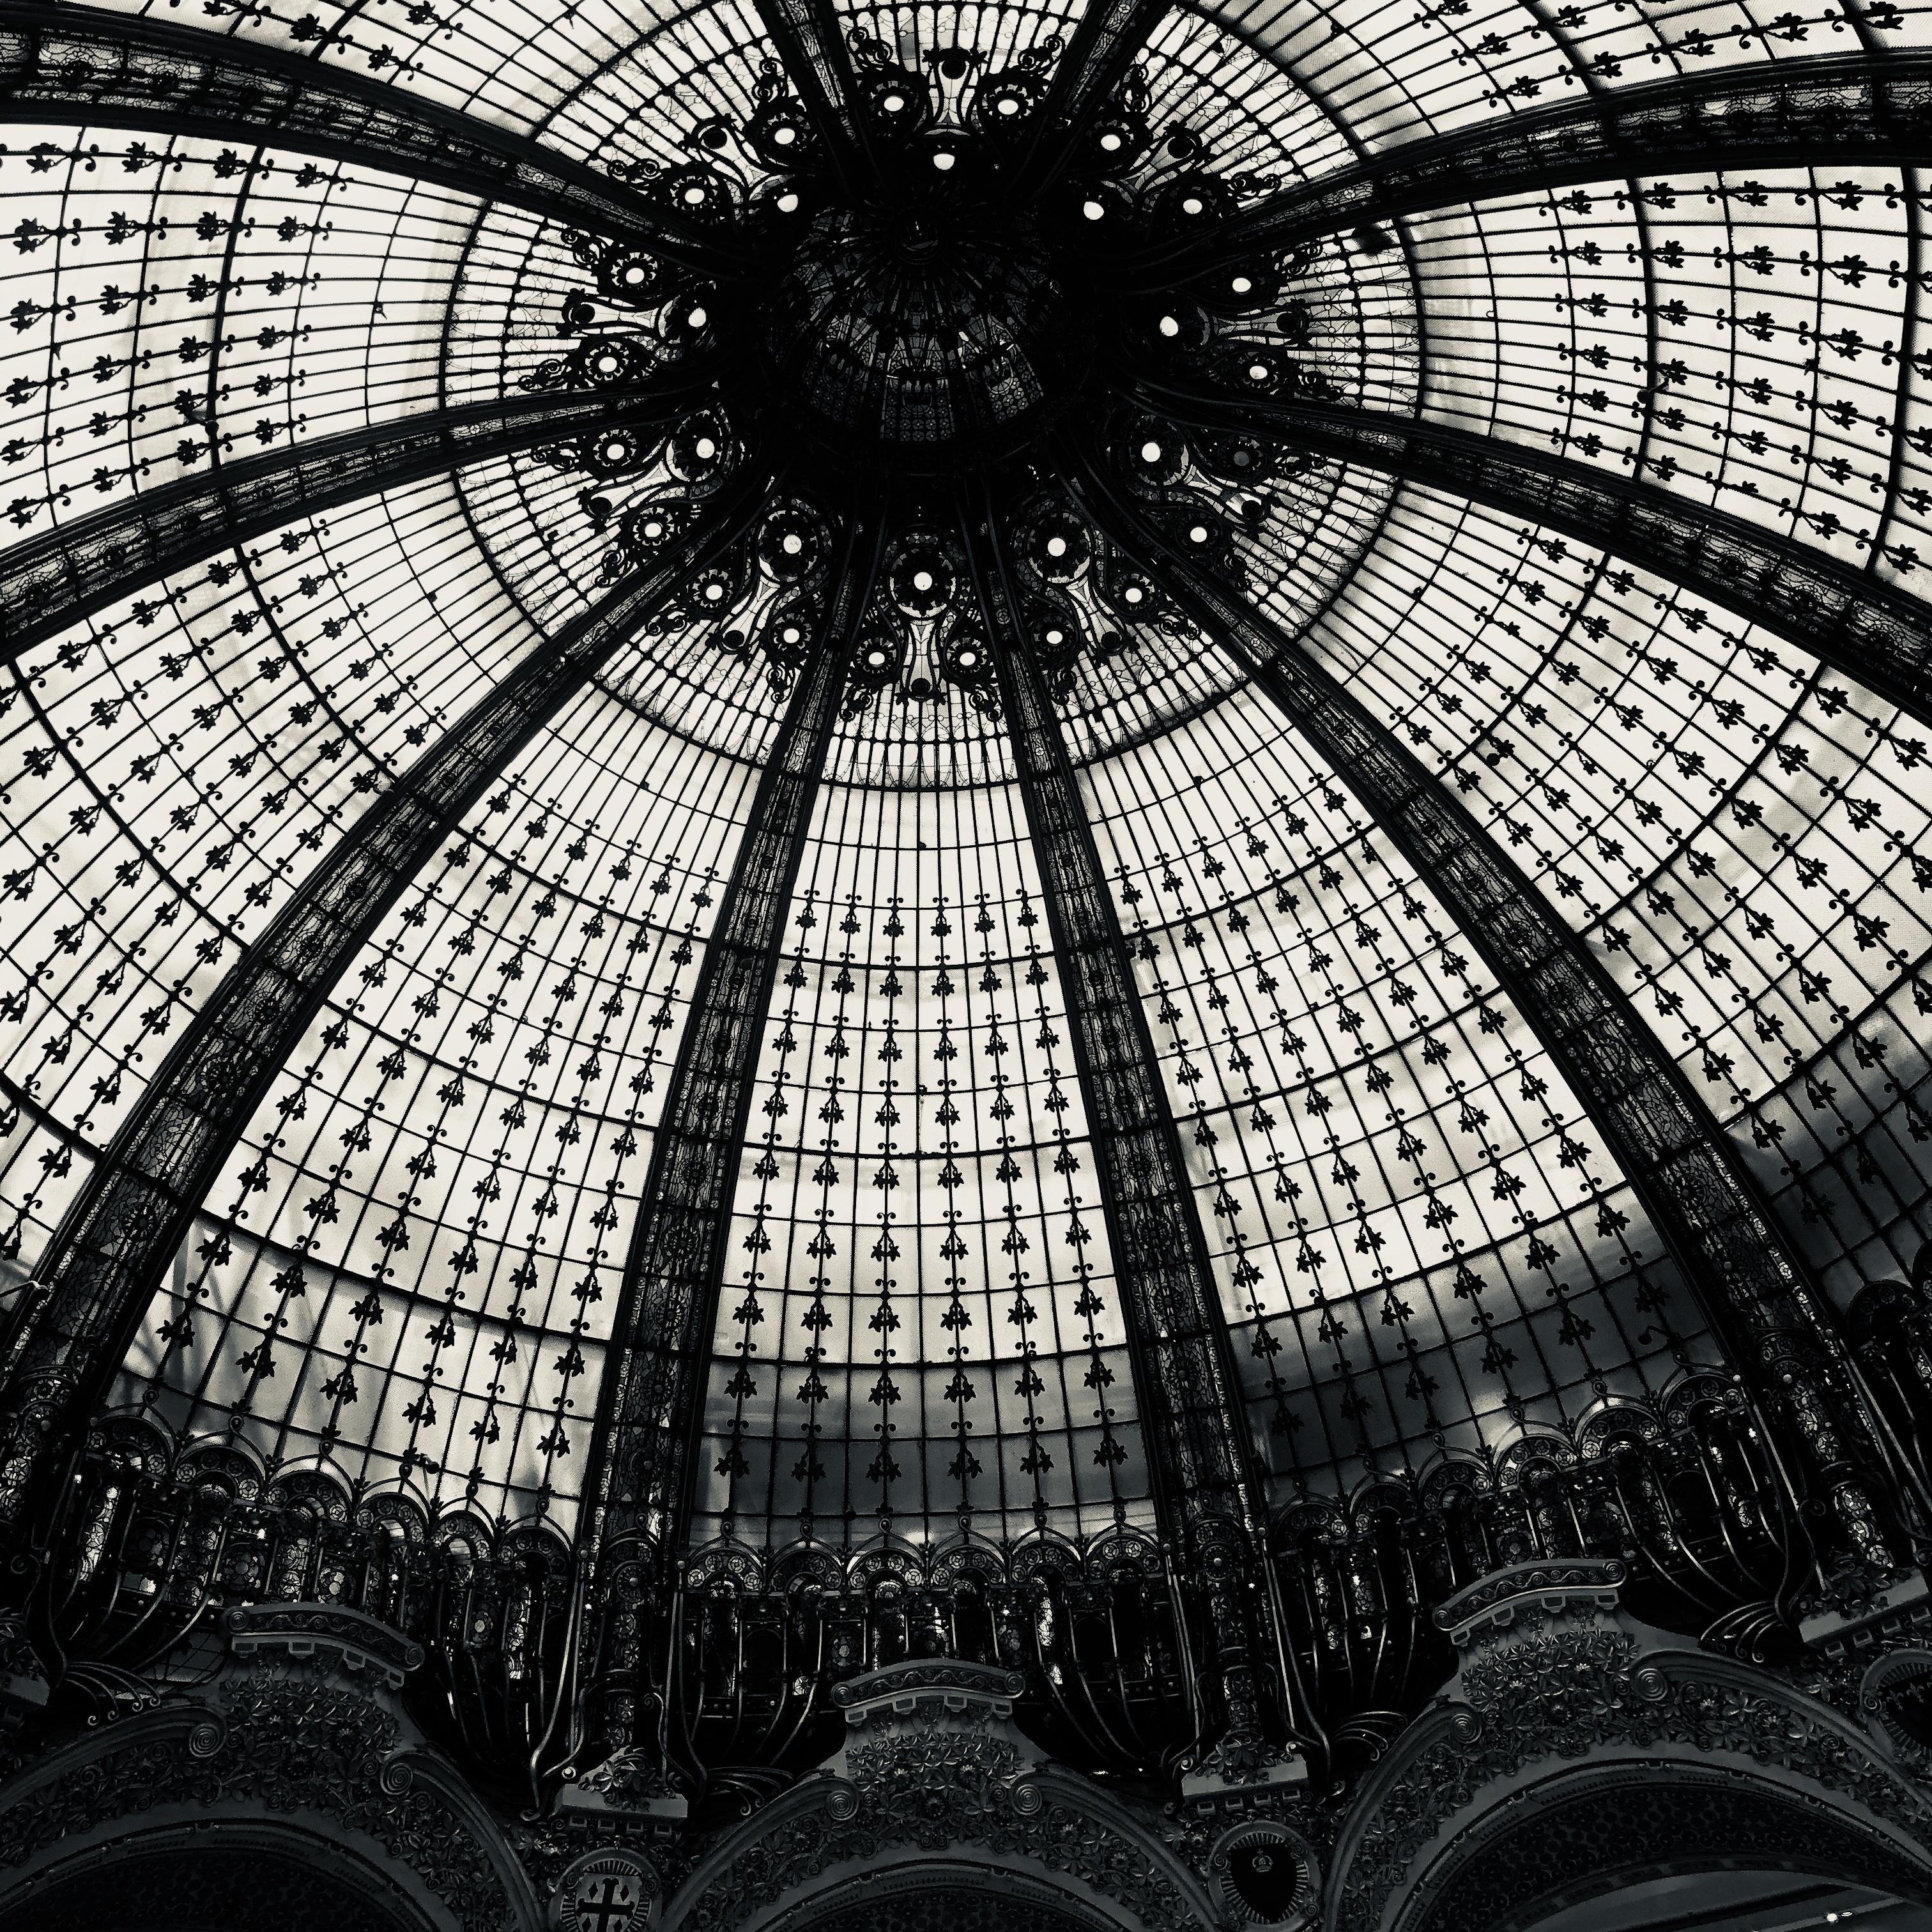 IMG 2399 - Un séjour à Paris quand t'es un ex-parisien (Et que tu n'aimes rien car t'étais parisien).